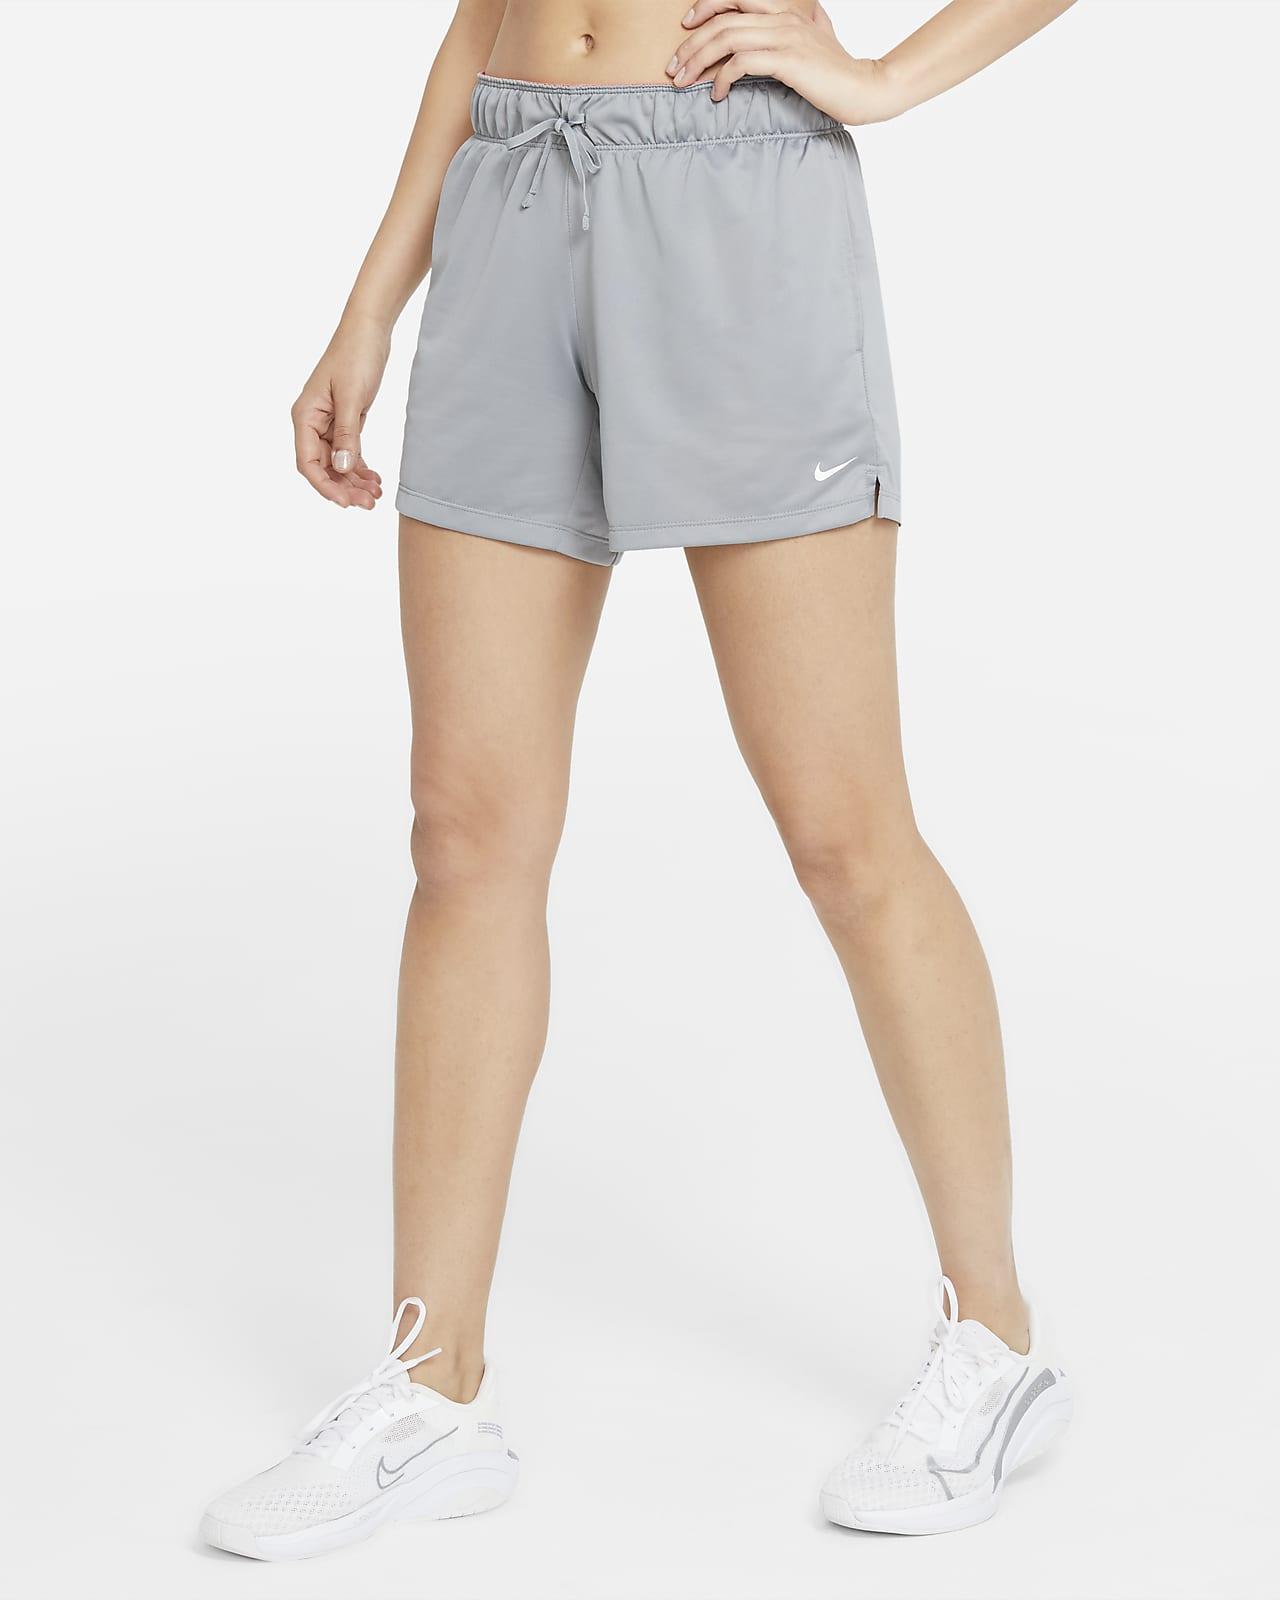 Shorts de entrenamiento para mujer Nike Dri-FIT Attack